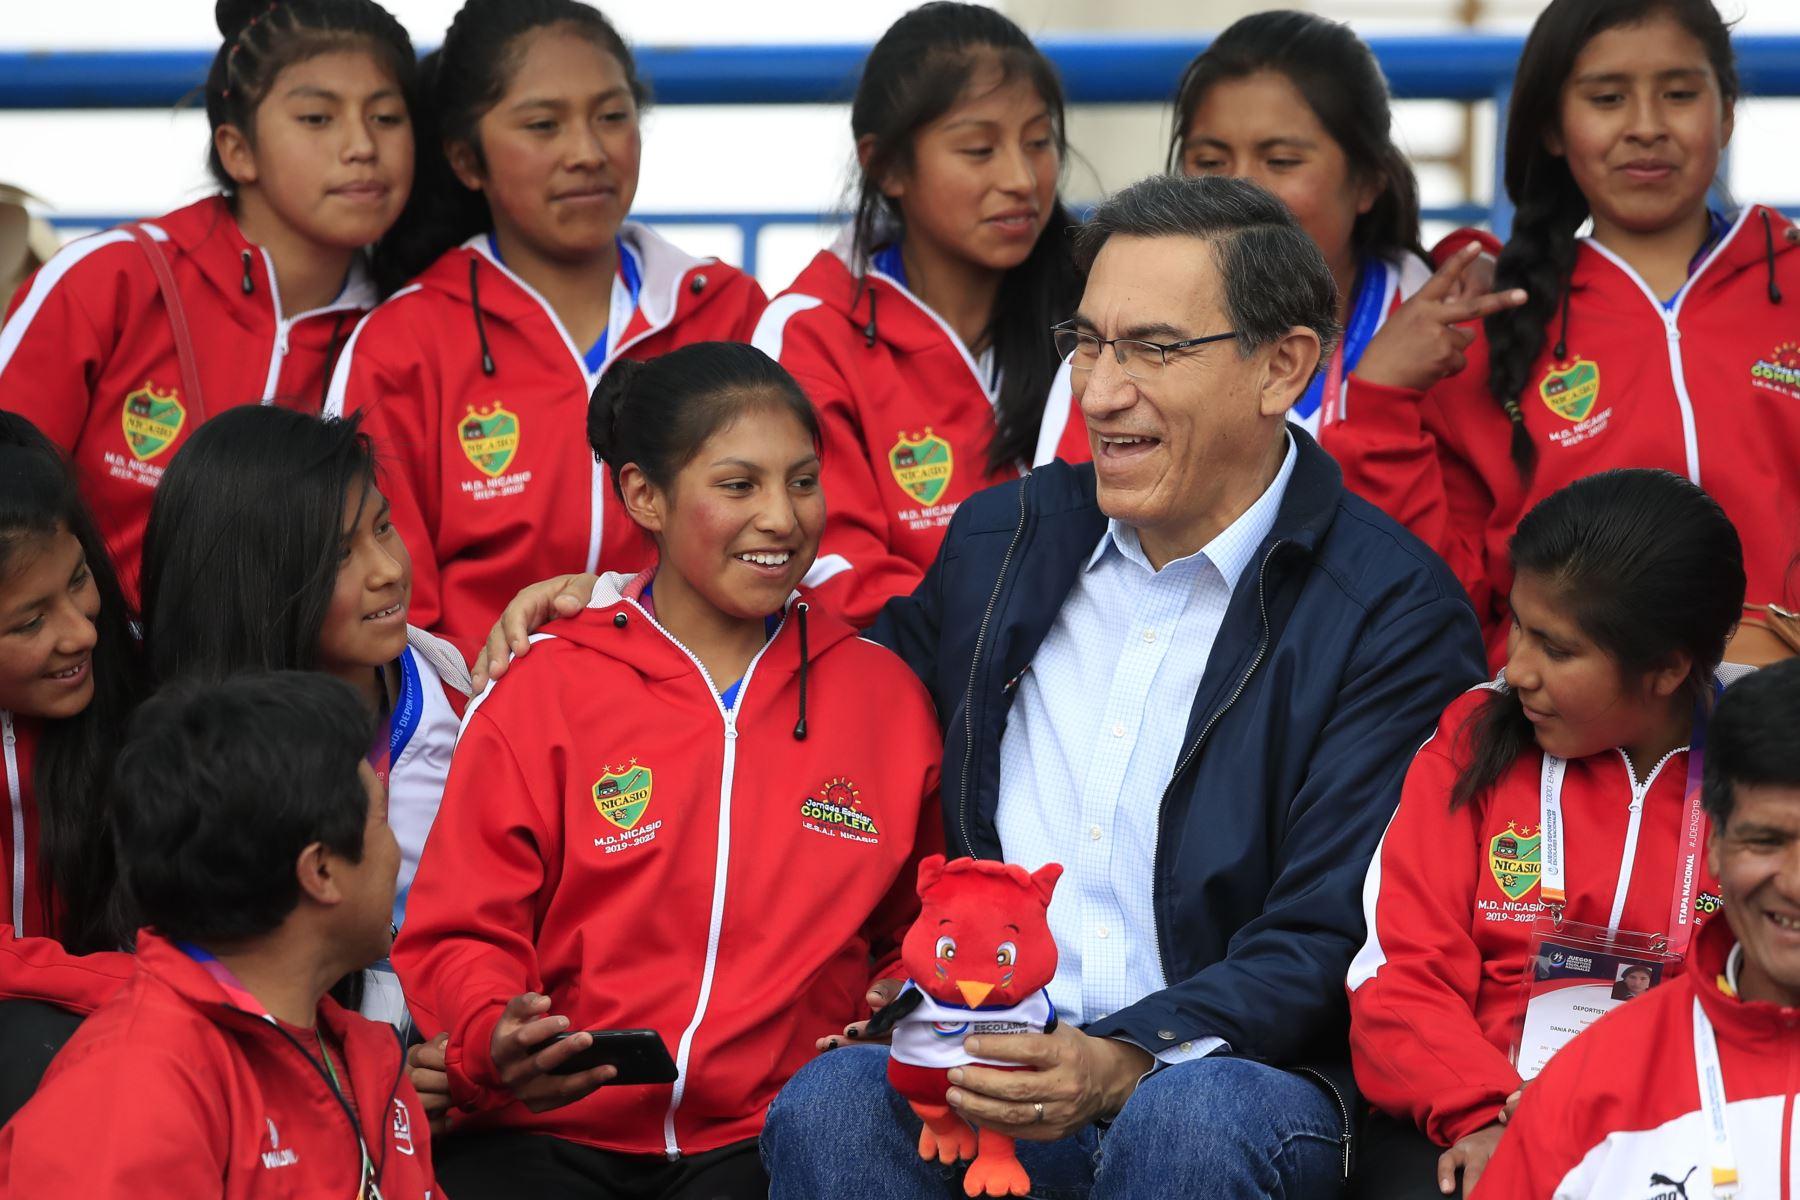 El presidente de la República Martin Vizcarra asiste a la final de fútbol femenino de los Juegos Deportivos Escolares, sede Bartolomé Herrera. Foto: ANDINA/ Juan Carlos Guzmán Negrini